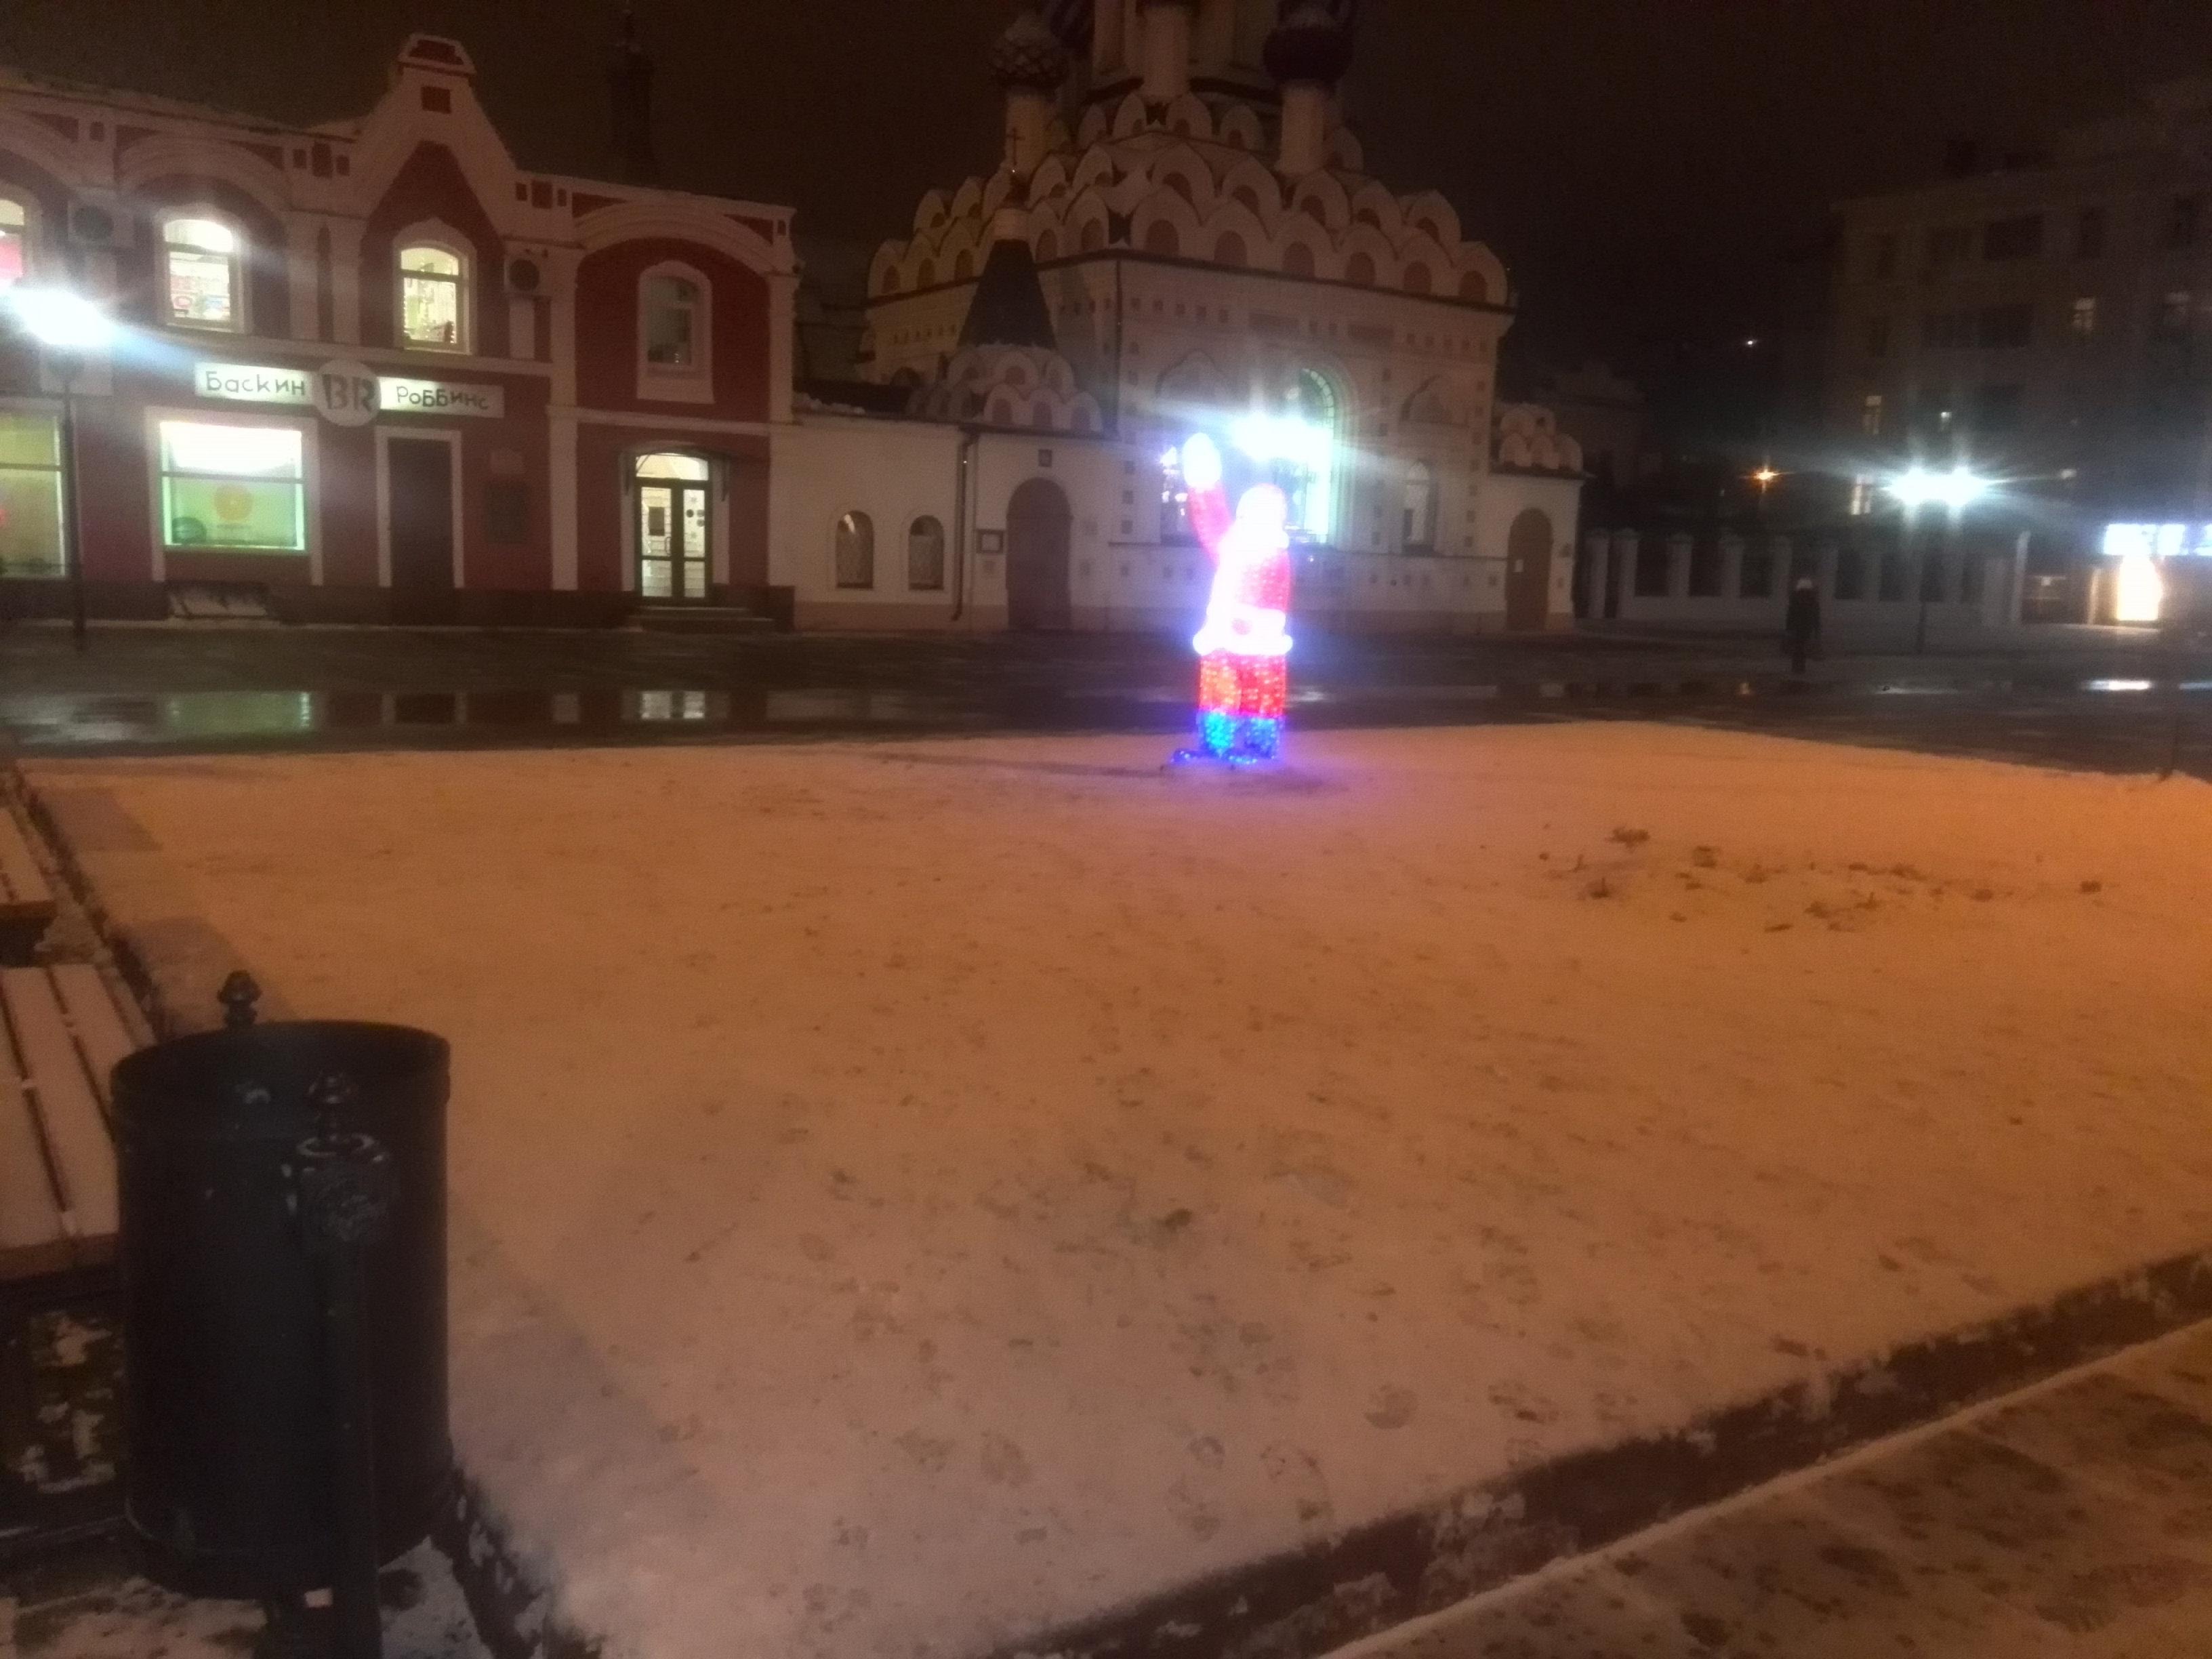 Теперь на площади Чернышевского саратовцев приветствует одинокий Санта.